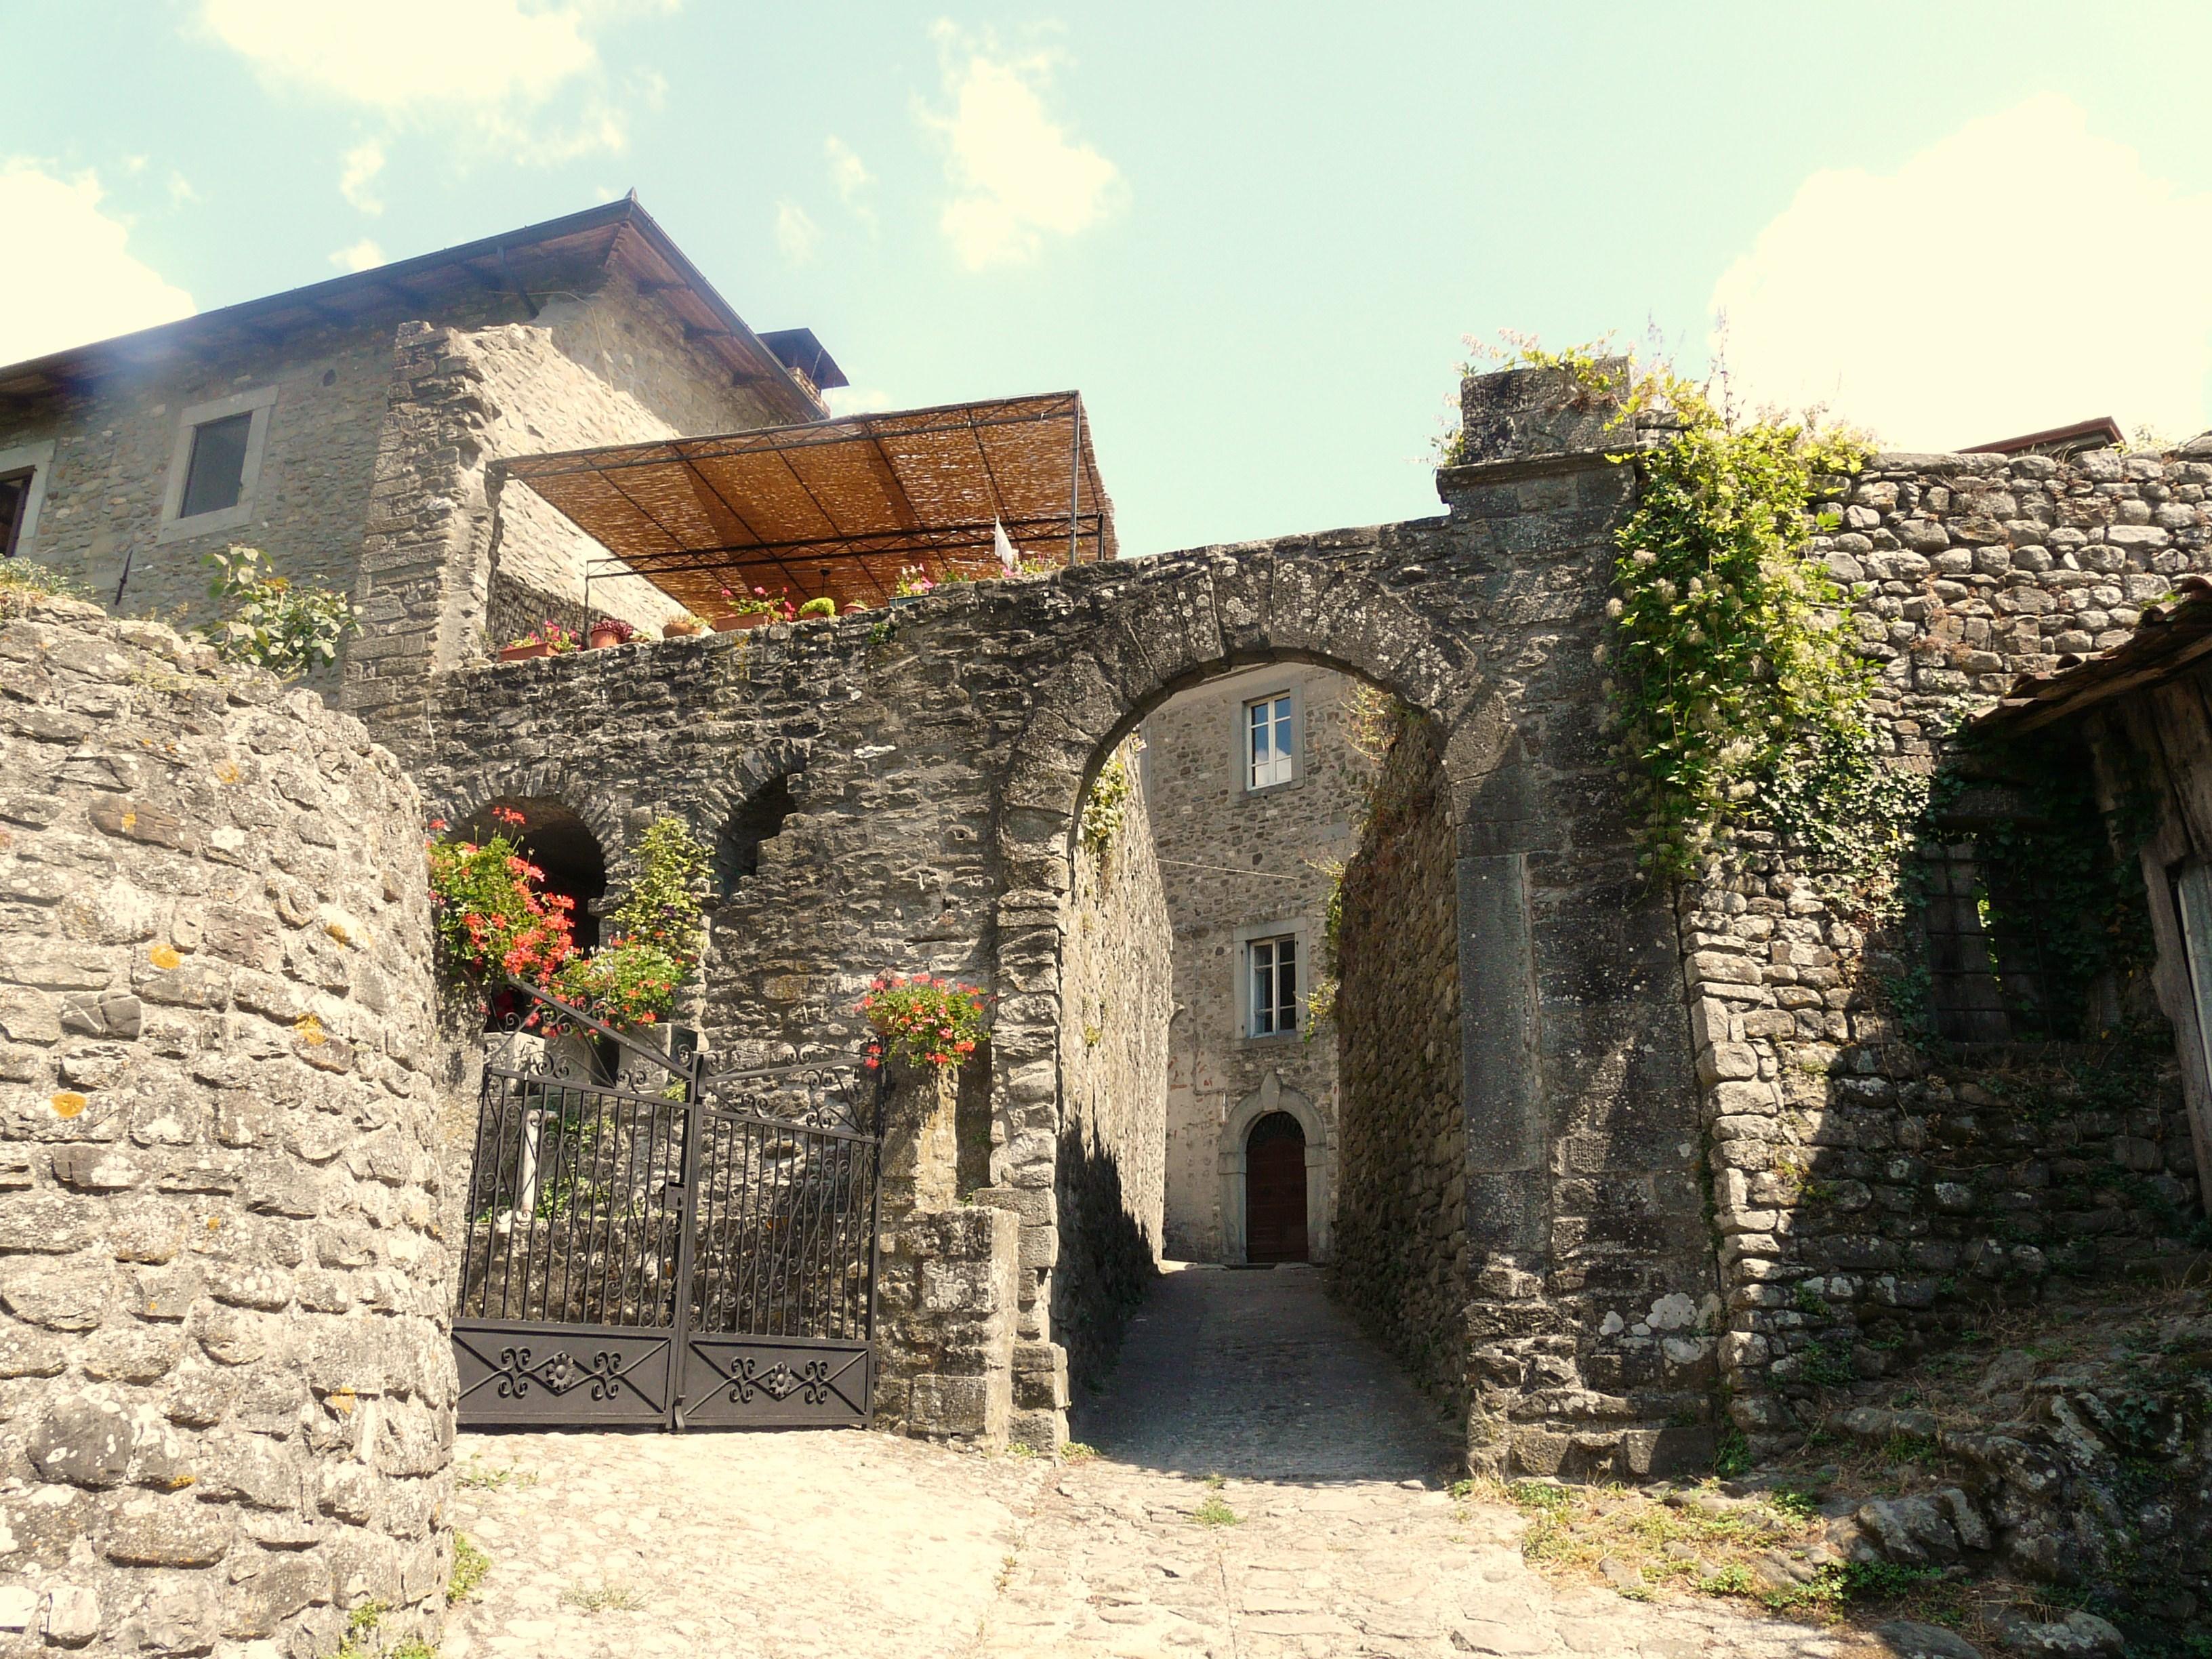 Casola in Lunigiana